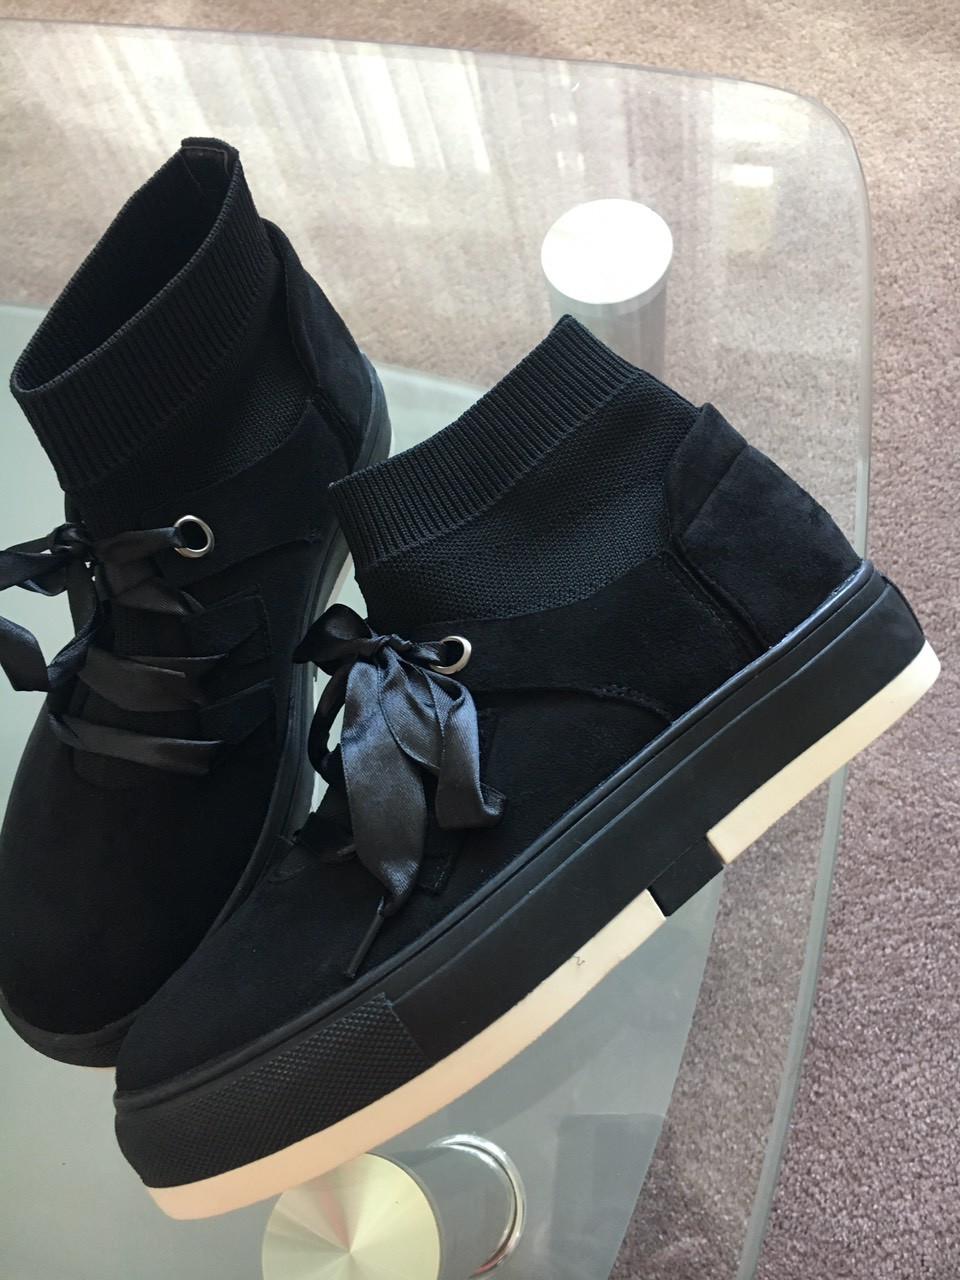 Женские хайтопы кроссовки с носком черные замшевые 37-40